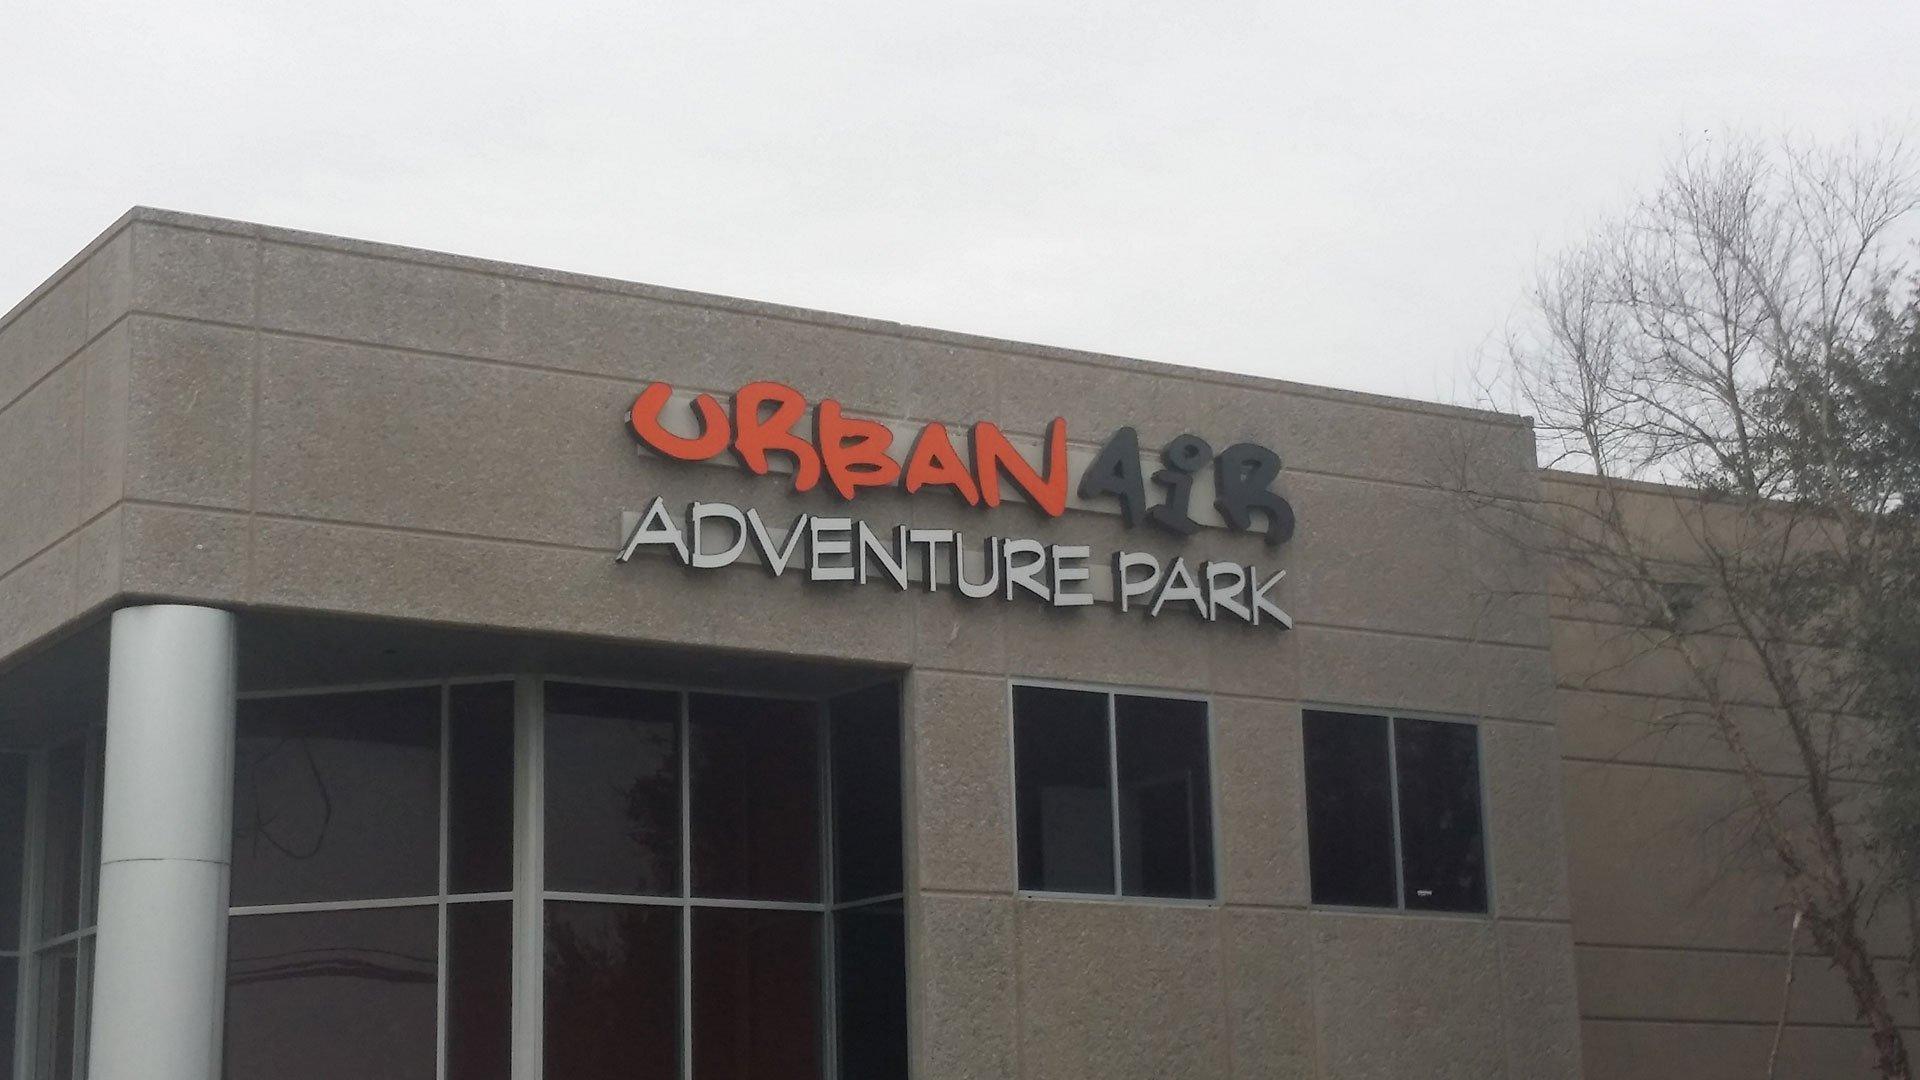 Urban Air Sign